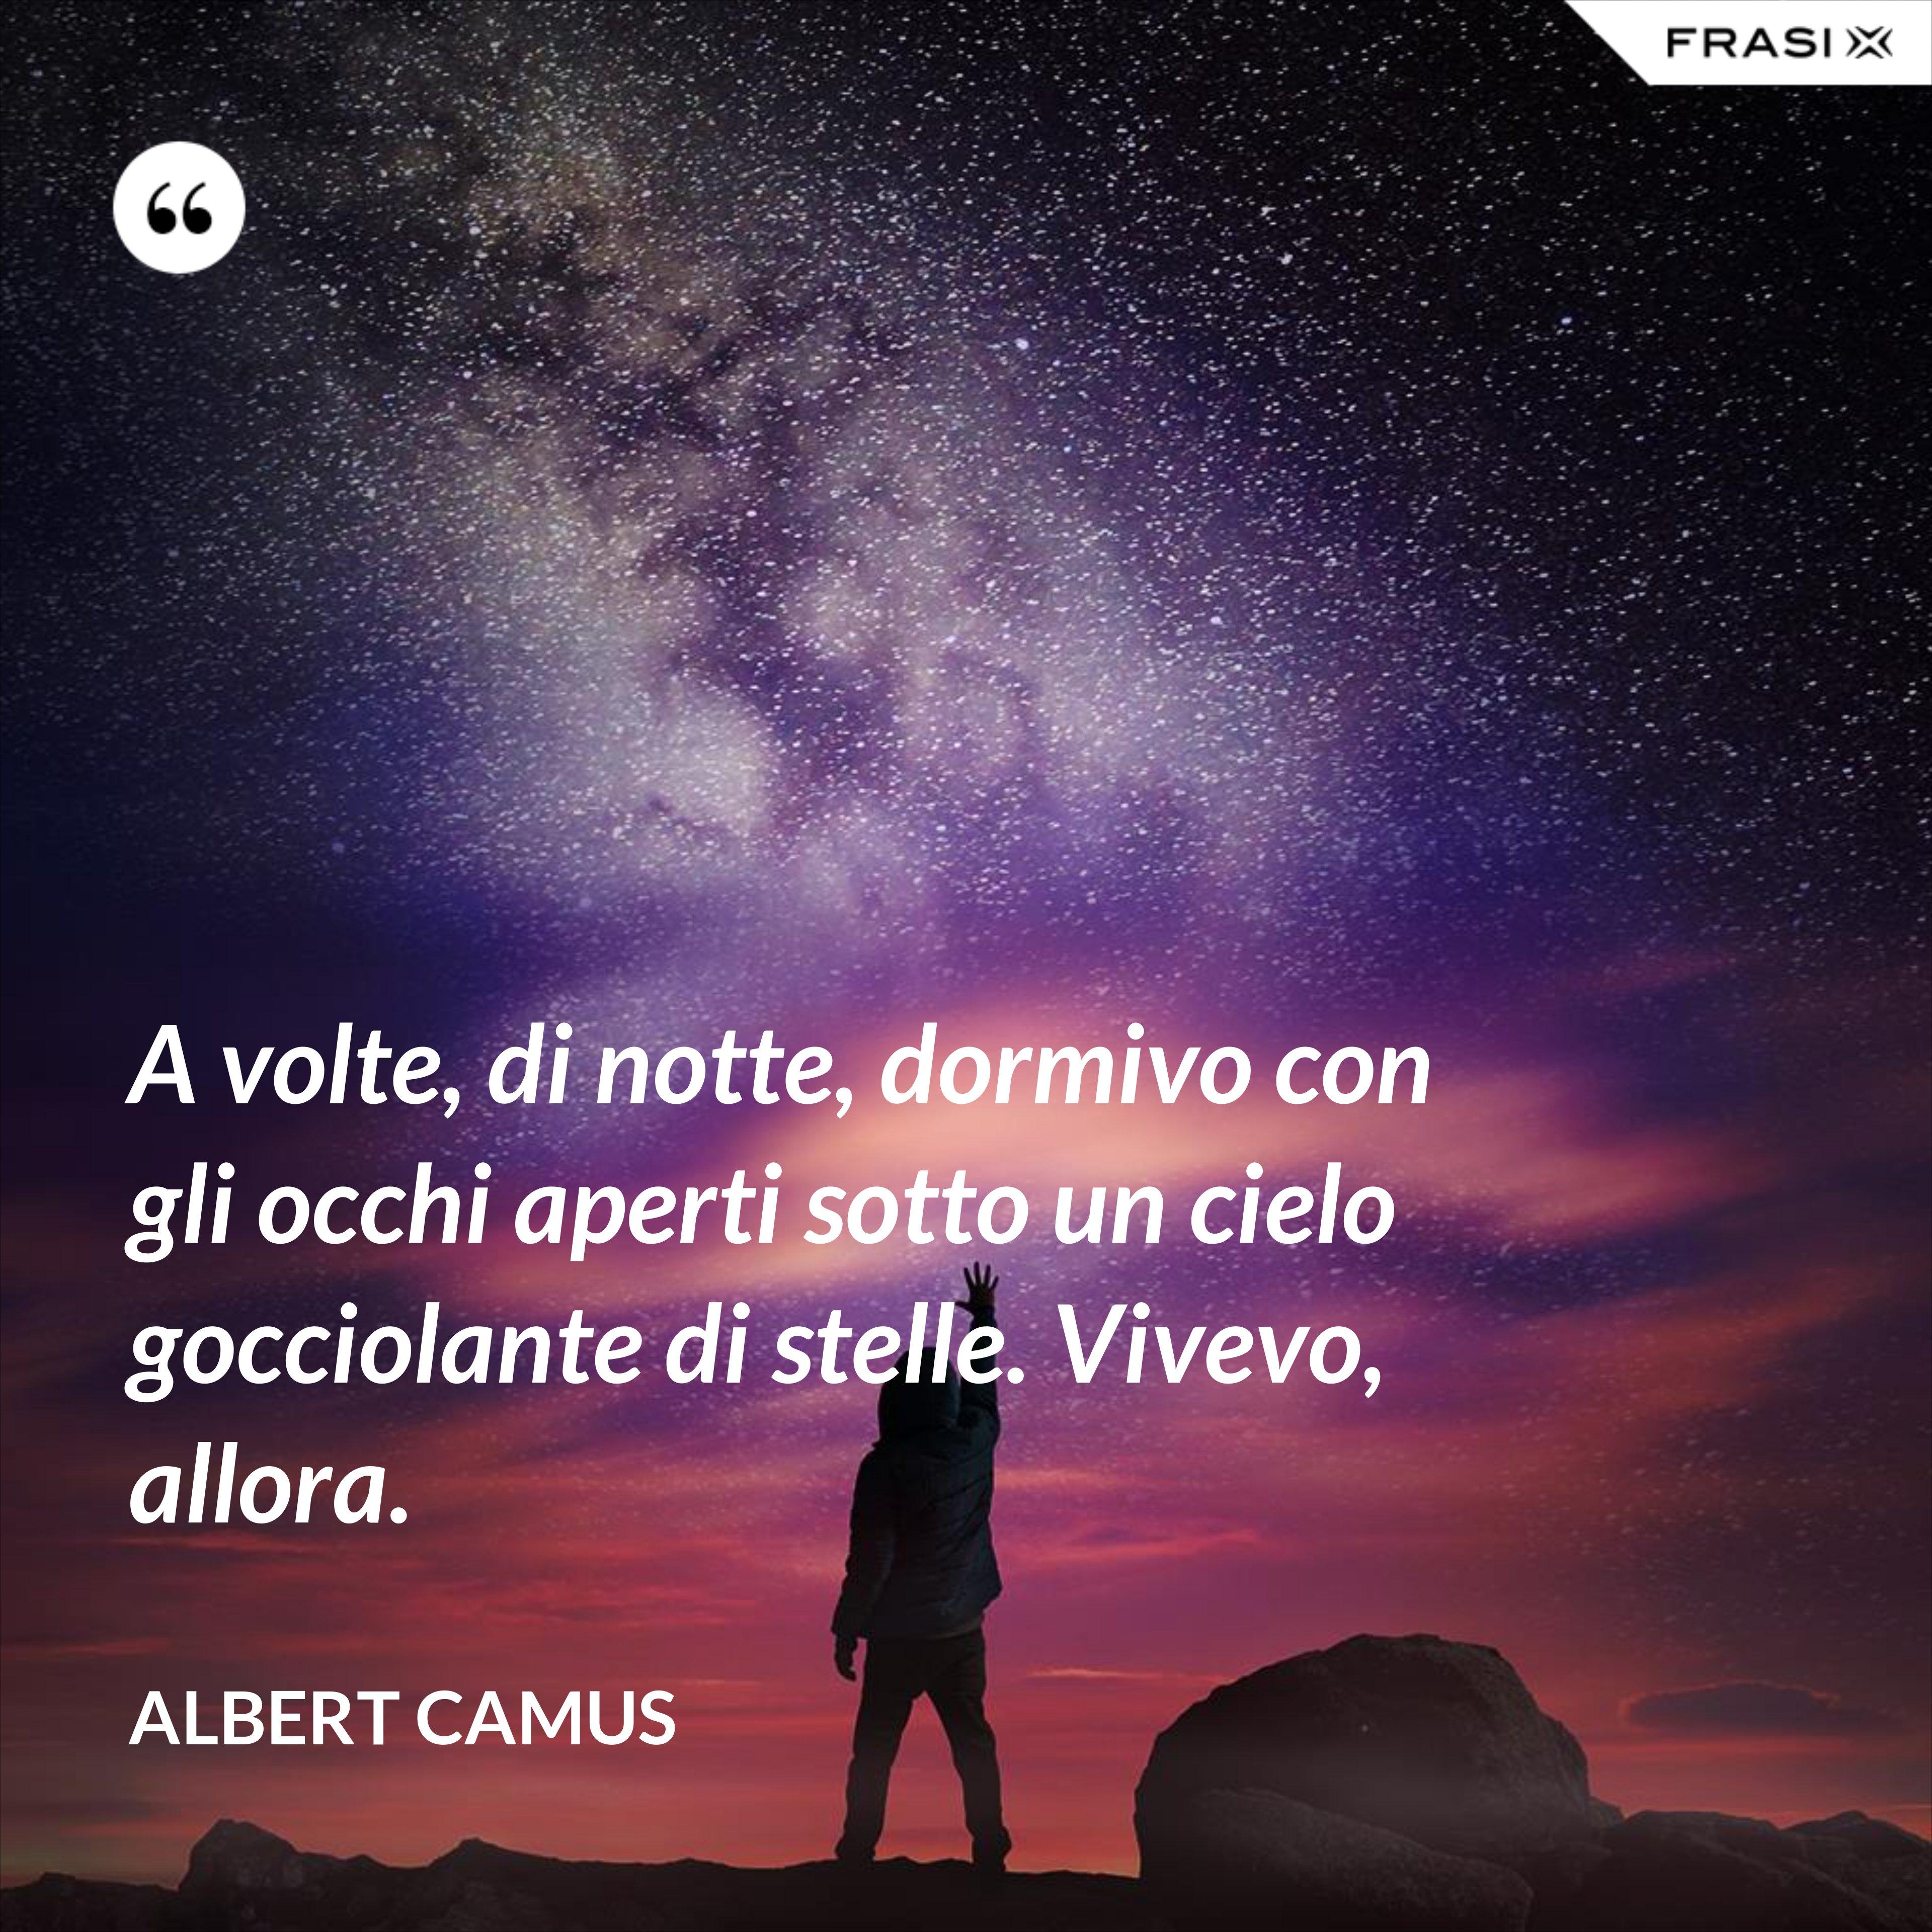 A volte, di notte, dormivo con gli occhi aperti sotto un cielo gocciolante di stelle. Vivevo, allora. - Albert Camus